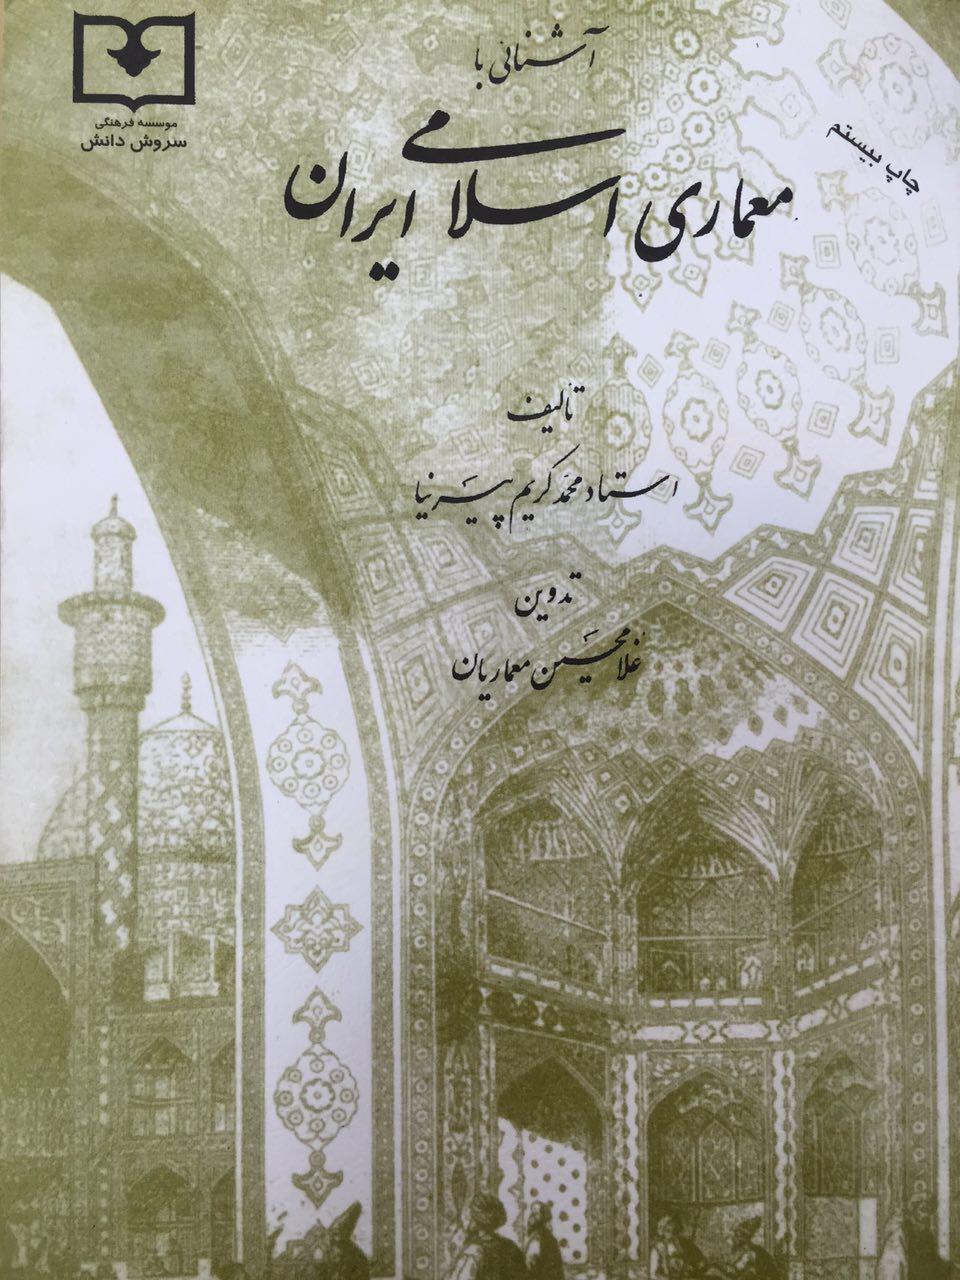 نتیجه تصویری برای کتاب معماری اسلامی ایران